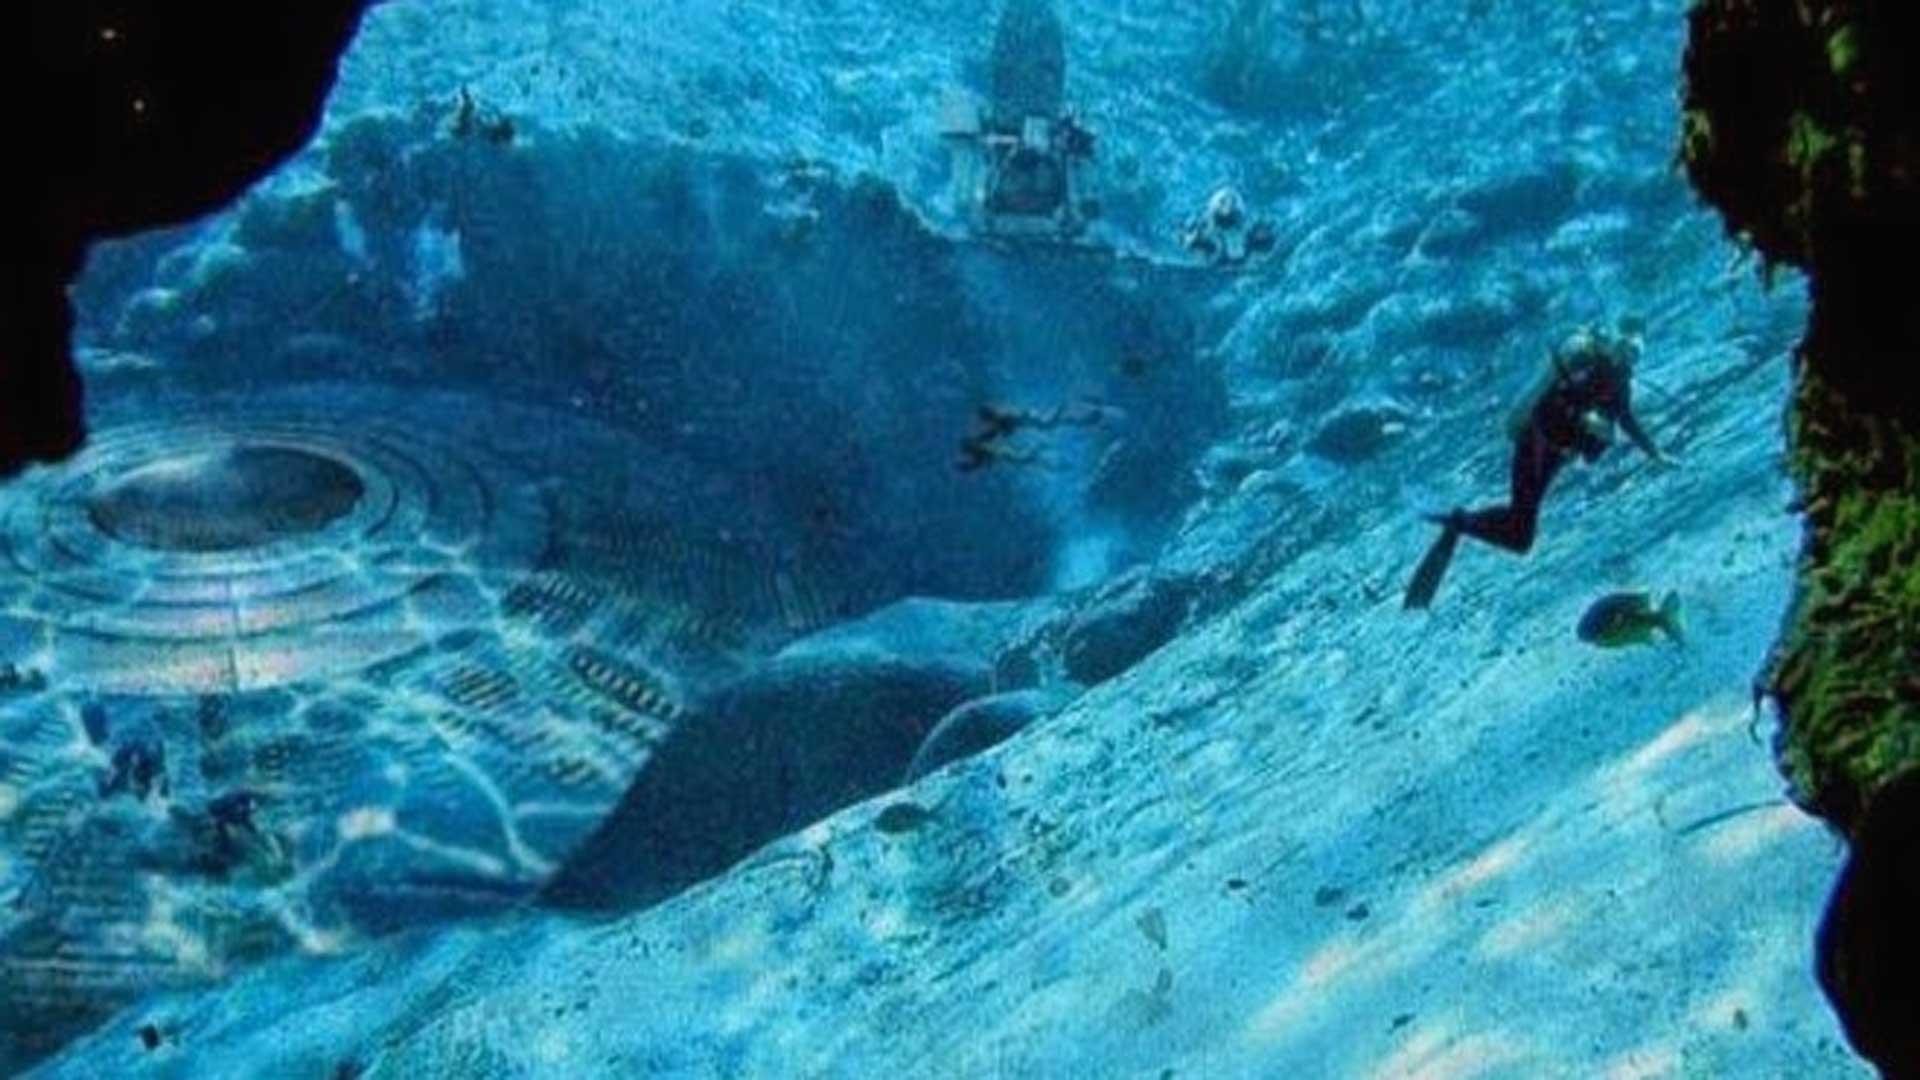 Expertos hablan sobre bases Alienígenas submarinas en el Lago Erie